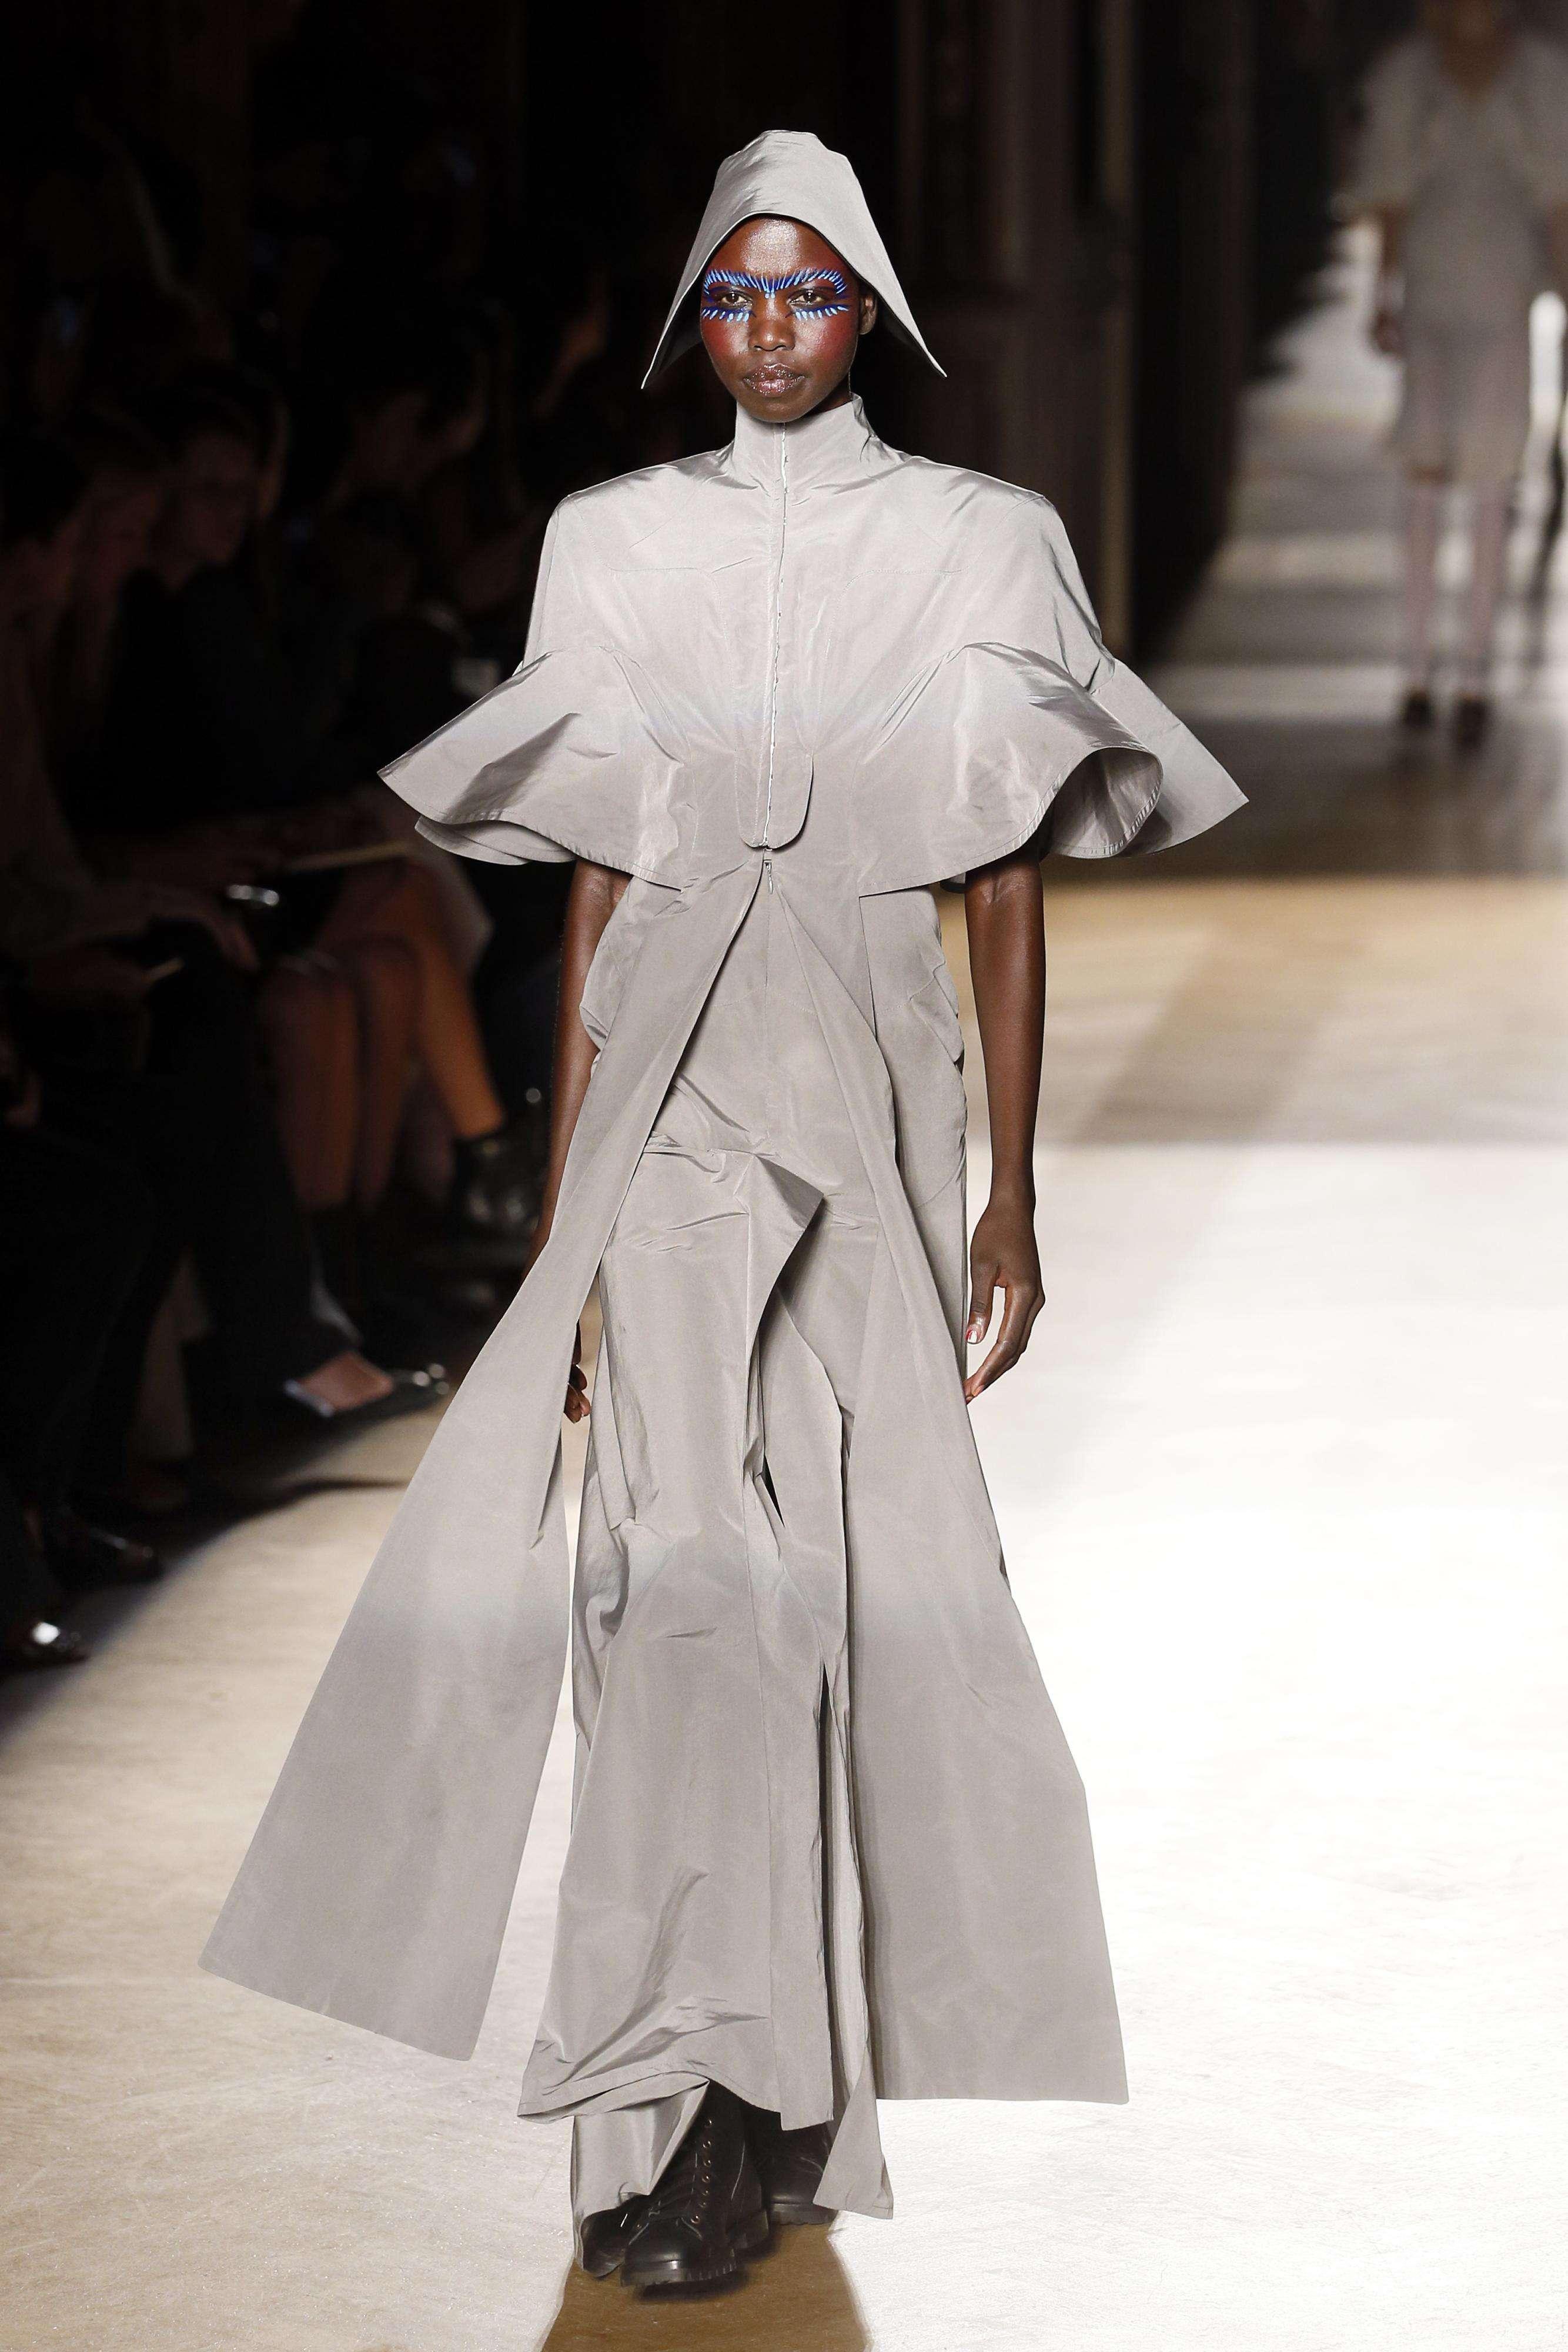 La diseñadora británica Vivienne Westwood llegó este fin de semana al Paris Fashion Week para presentar sus desafiantes propuestas para la primavera-verano de 2015. Muchos volumen y prendas oversized fueron los principales aportes a sus ya tradicionales cortes asimétricos. Los colores se mantuvieron dentro de las tonalidades oscuras, destacando el rojo, olivo y negro. Foto: PATRICK KOVARIK/AFP en español